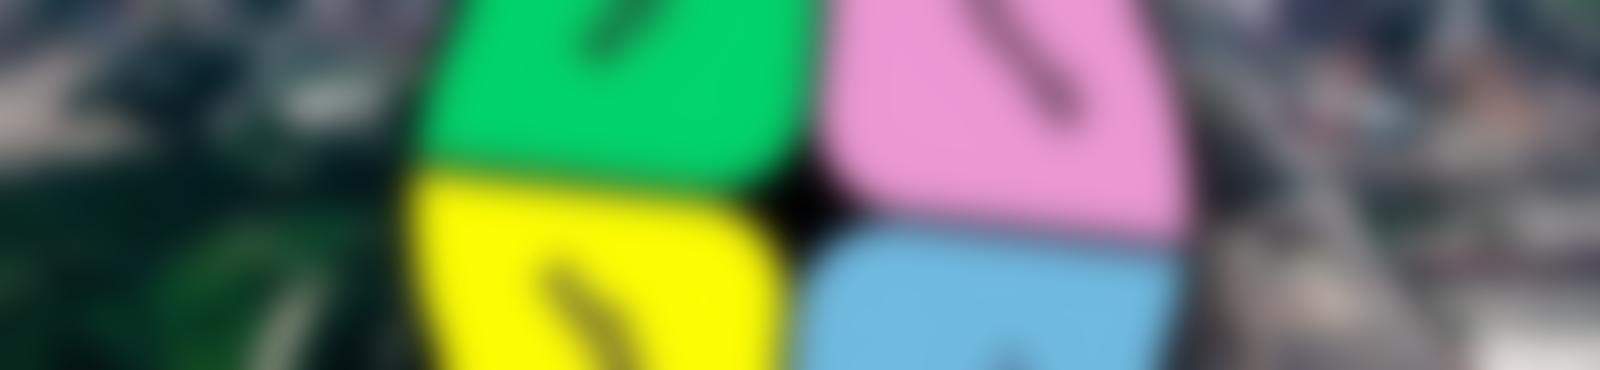 Blurred 209cb659 d987 4687 9552 d9b29517f15c